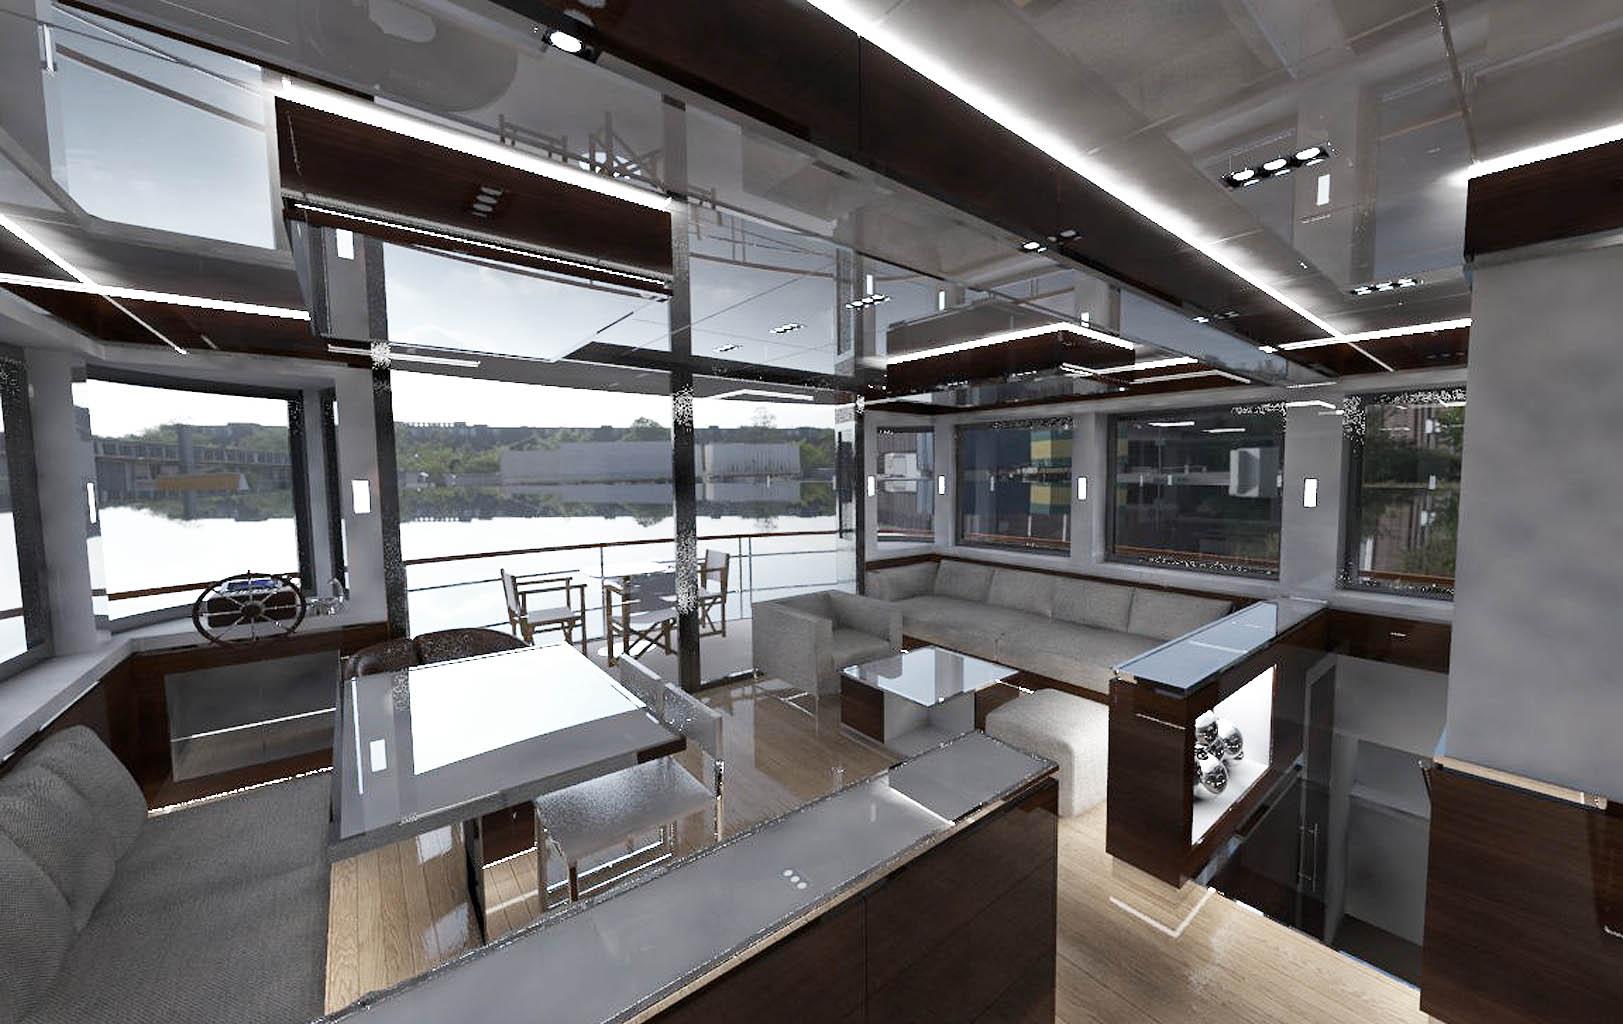 cool houseboat interior images best idea home design. Black Bedroom Furniture Sets. Home Design Ideas